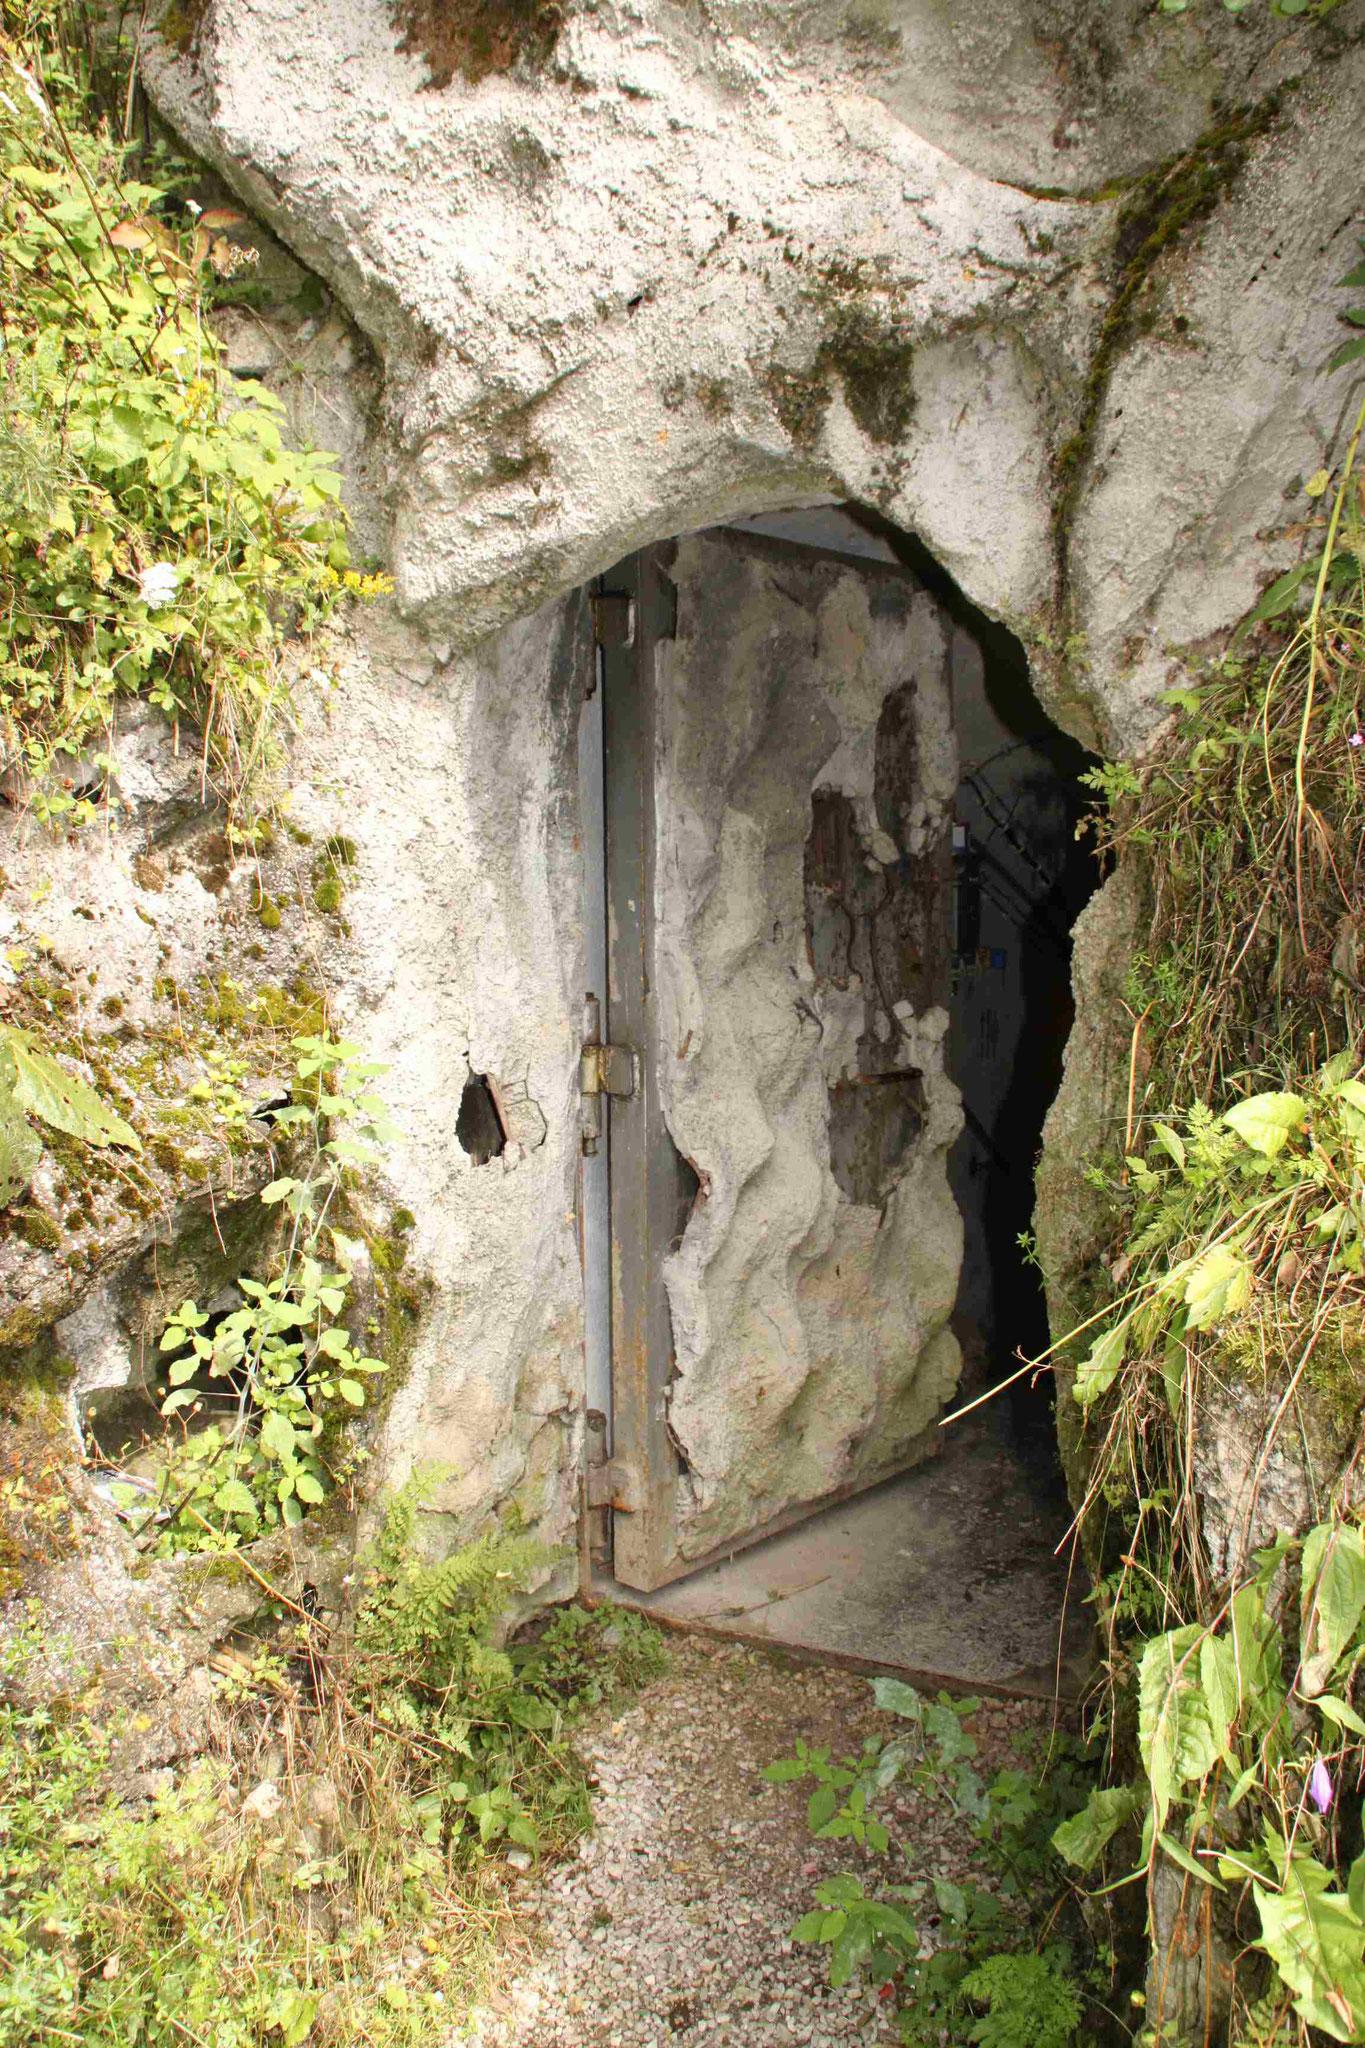 La porta di ingresso al bunker, accuratamente mimetizzata.